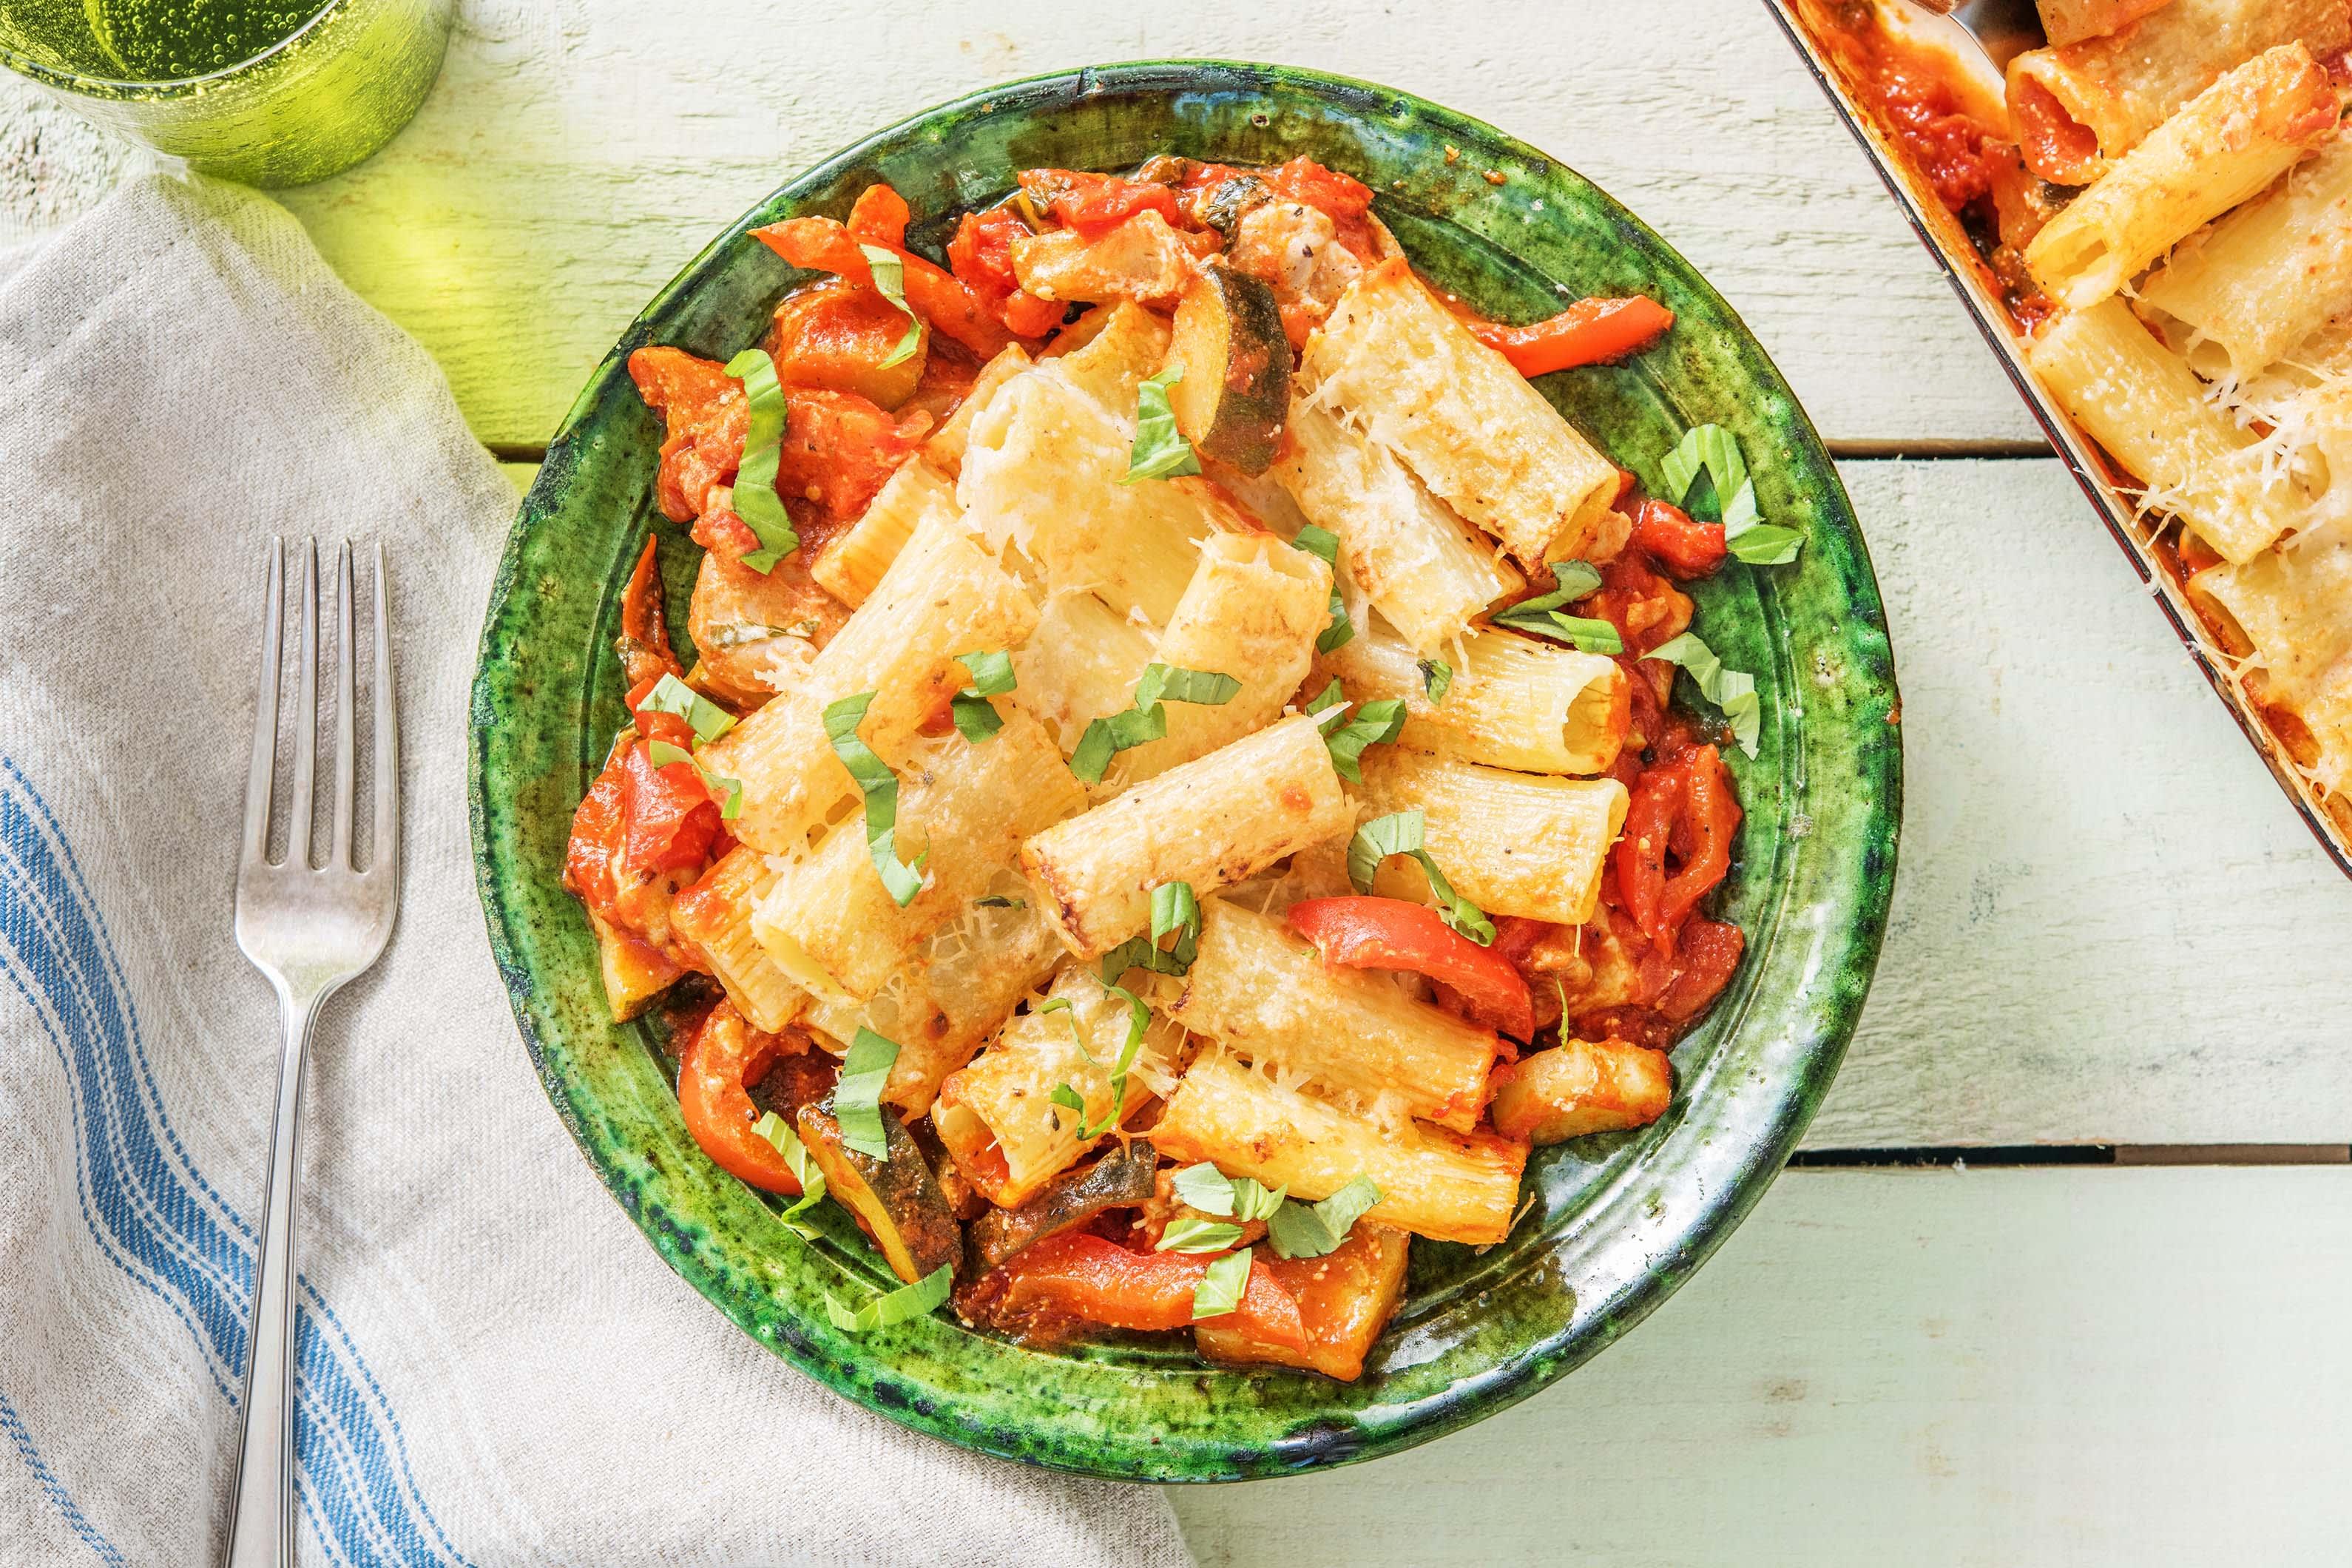 Mediterranean Chicken Pasta Bake